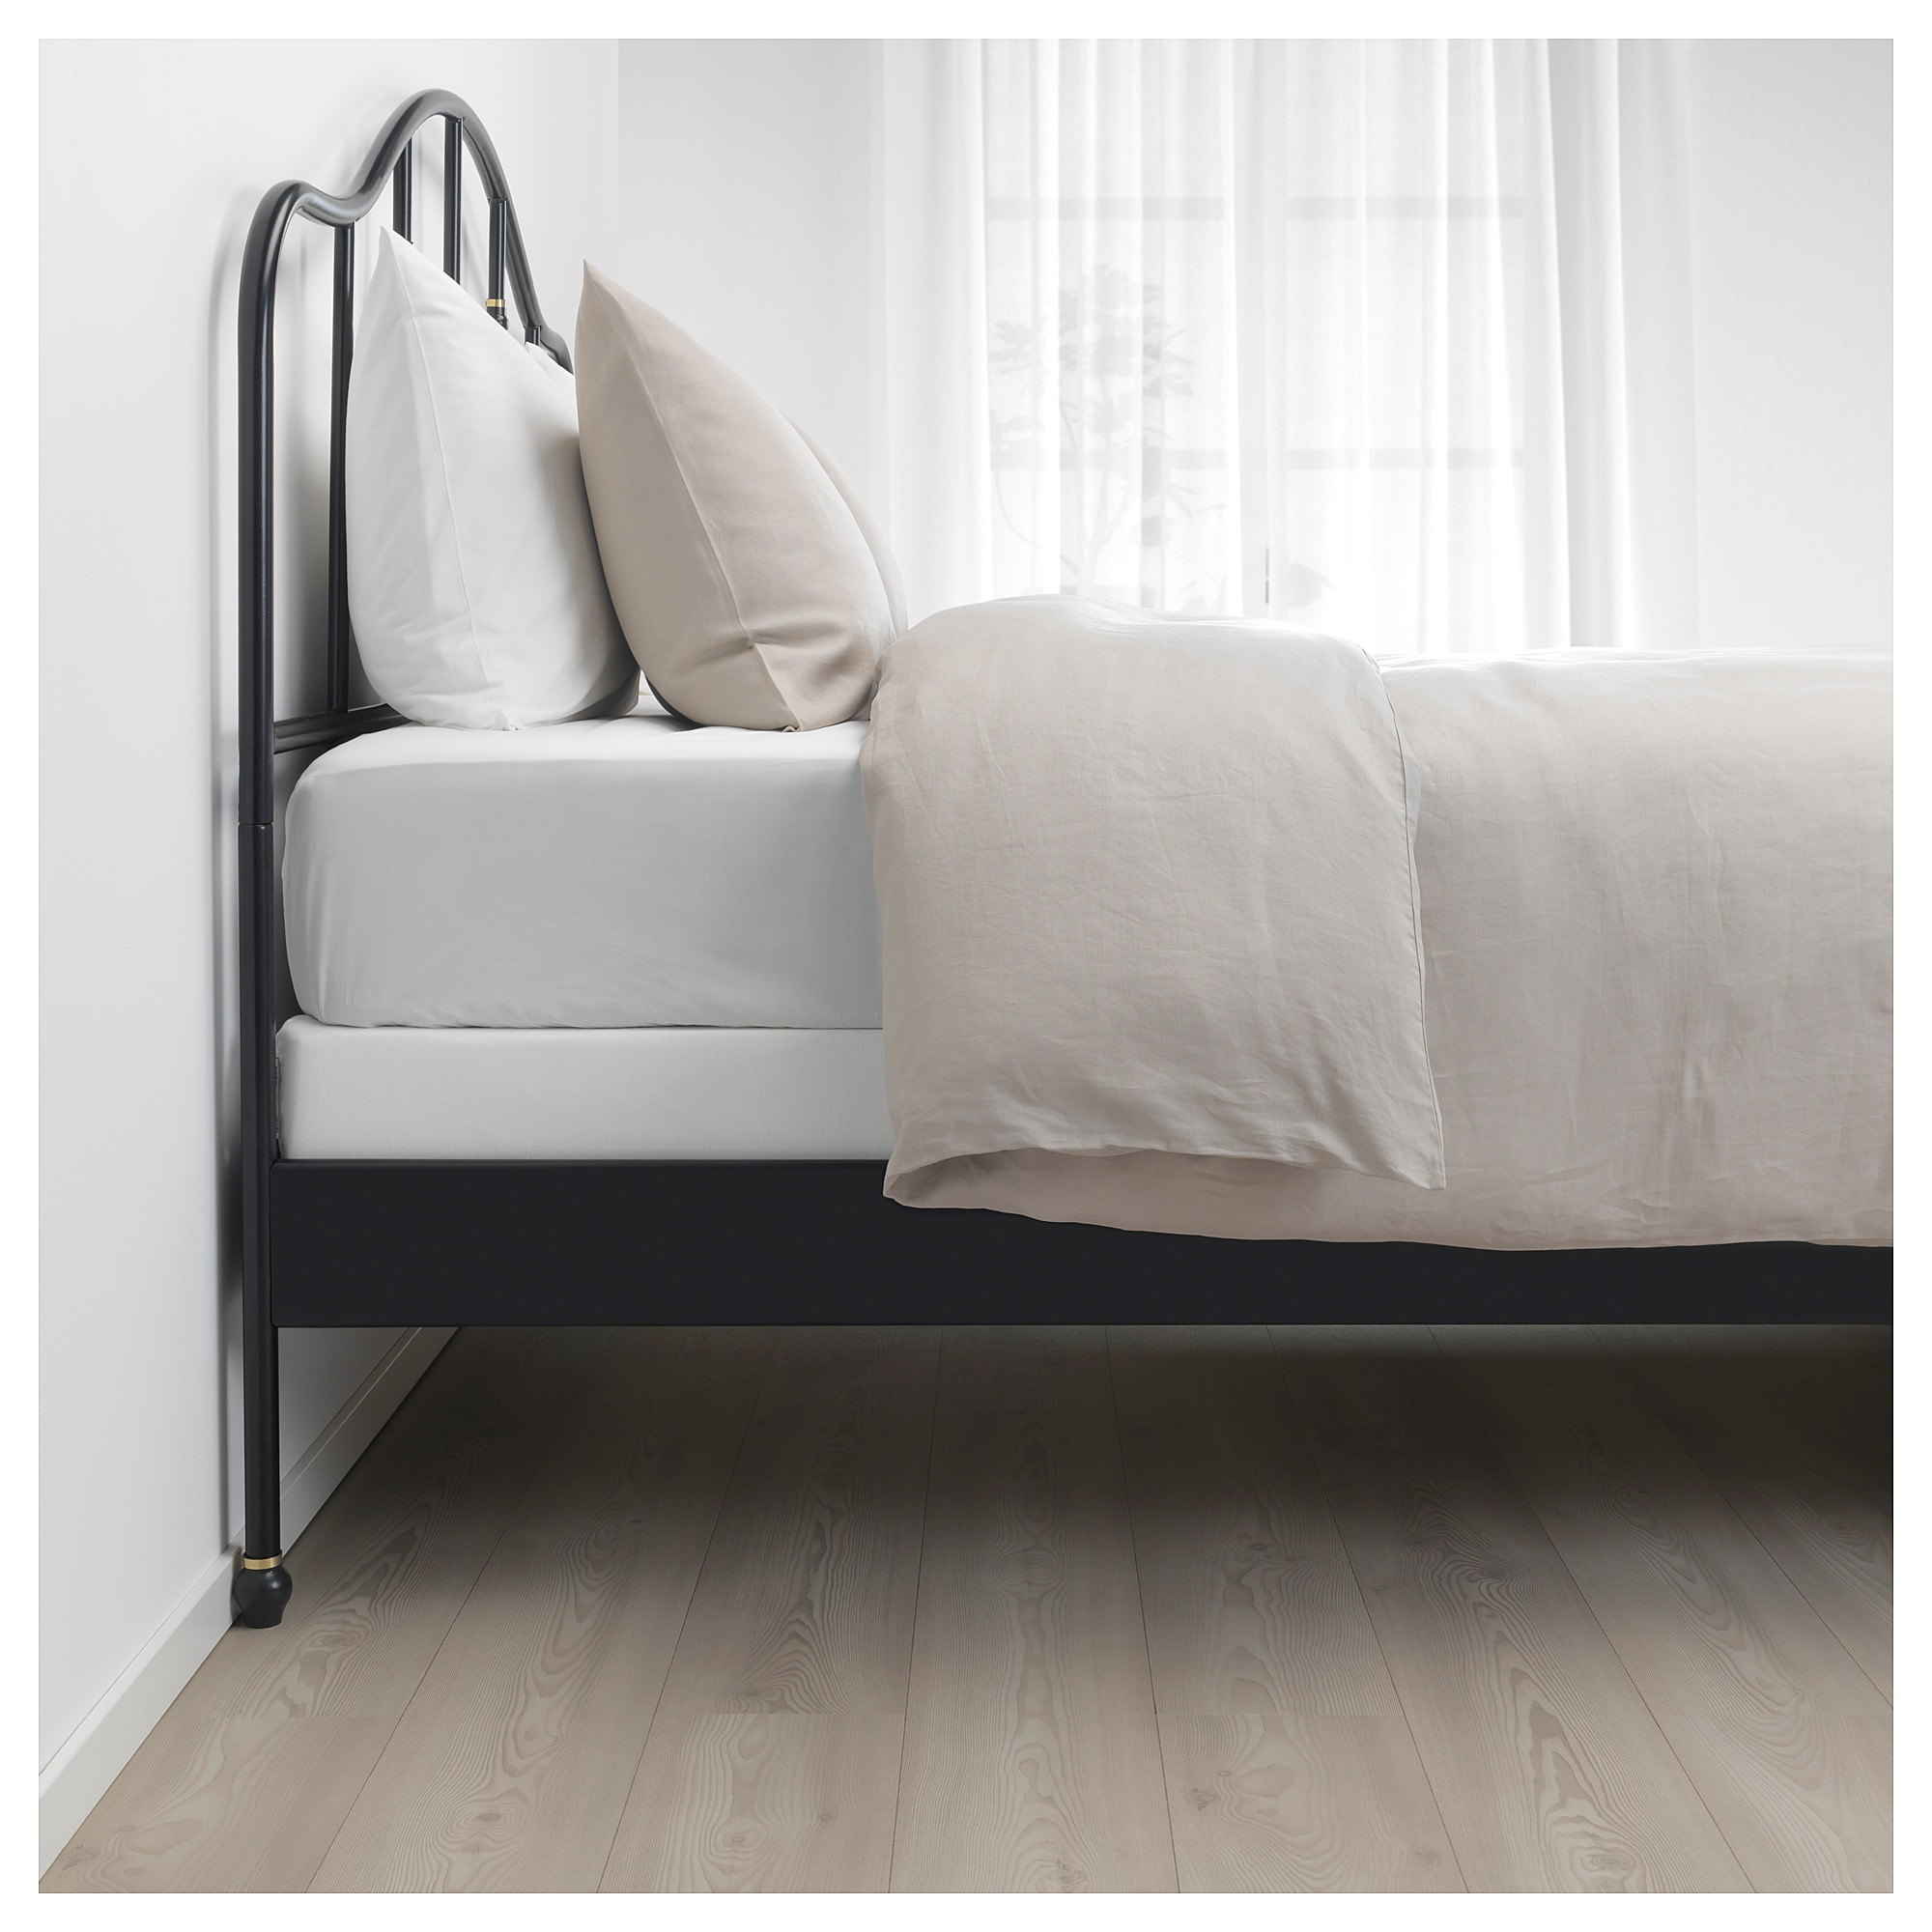 IKEA SAGSTUA Black, Espevär Bed frame Bed frame, Comfort